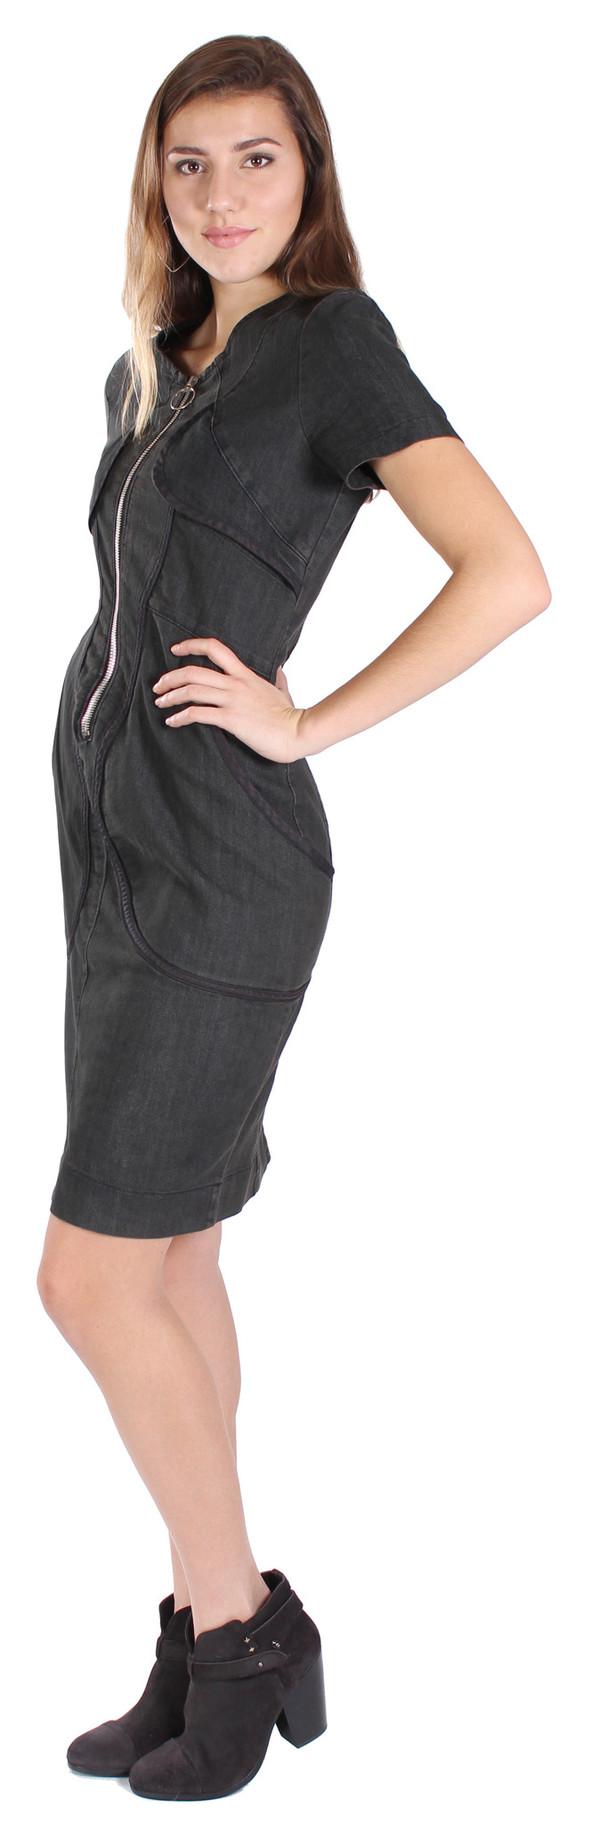 Prairie Underground Harness Dress